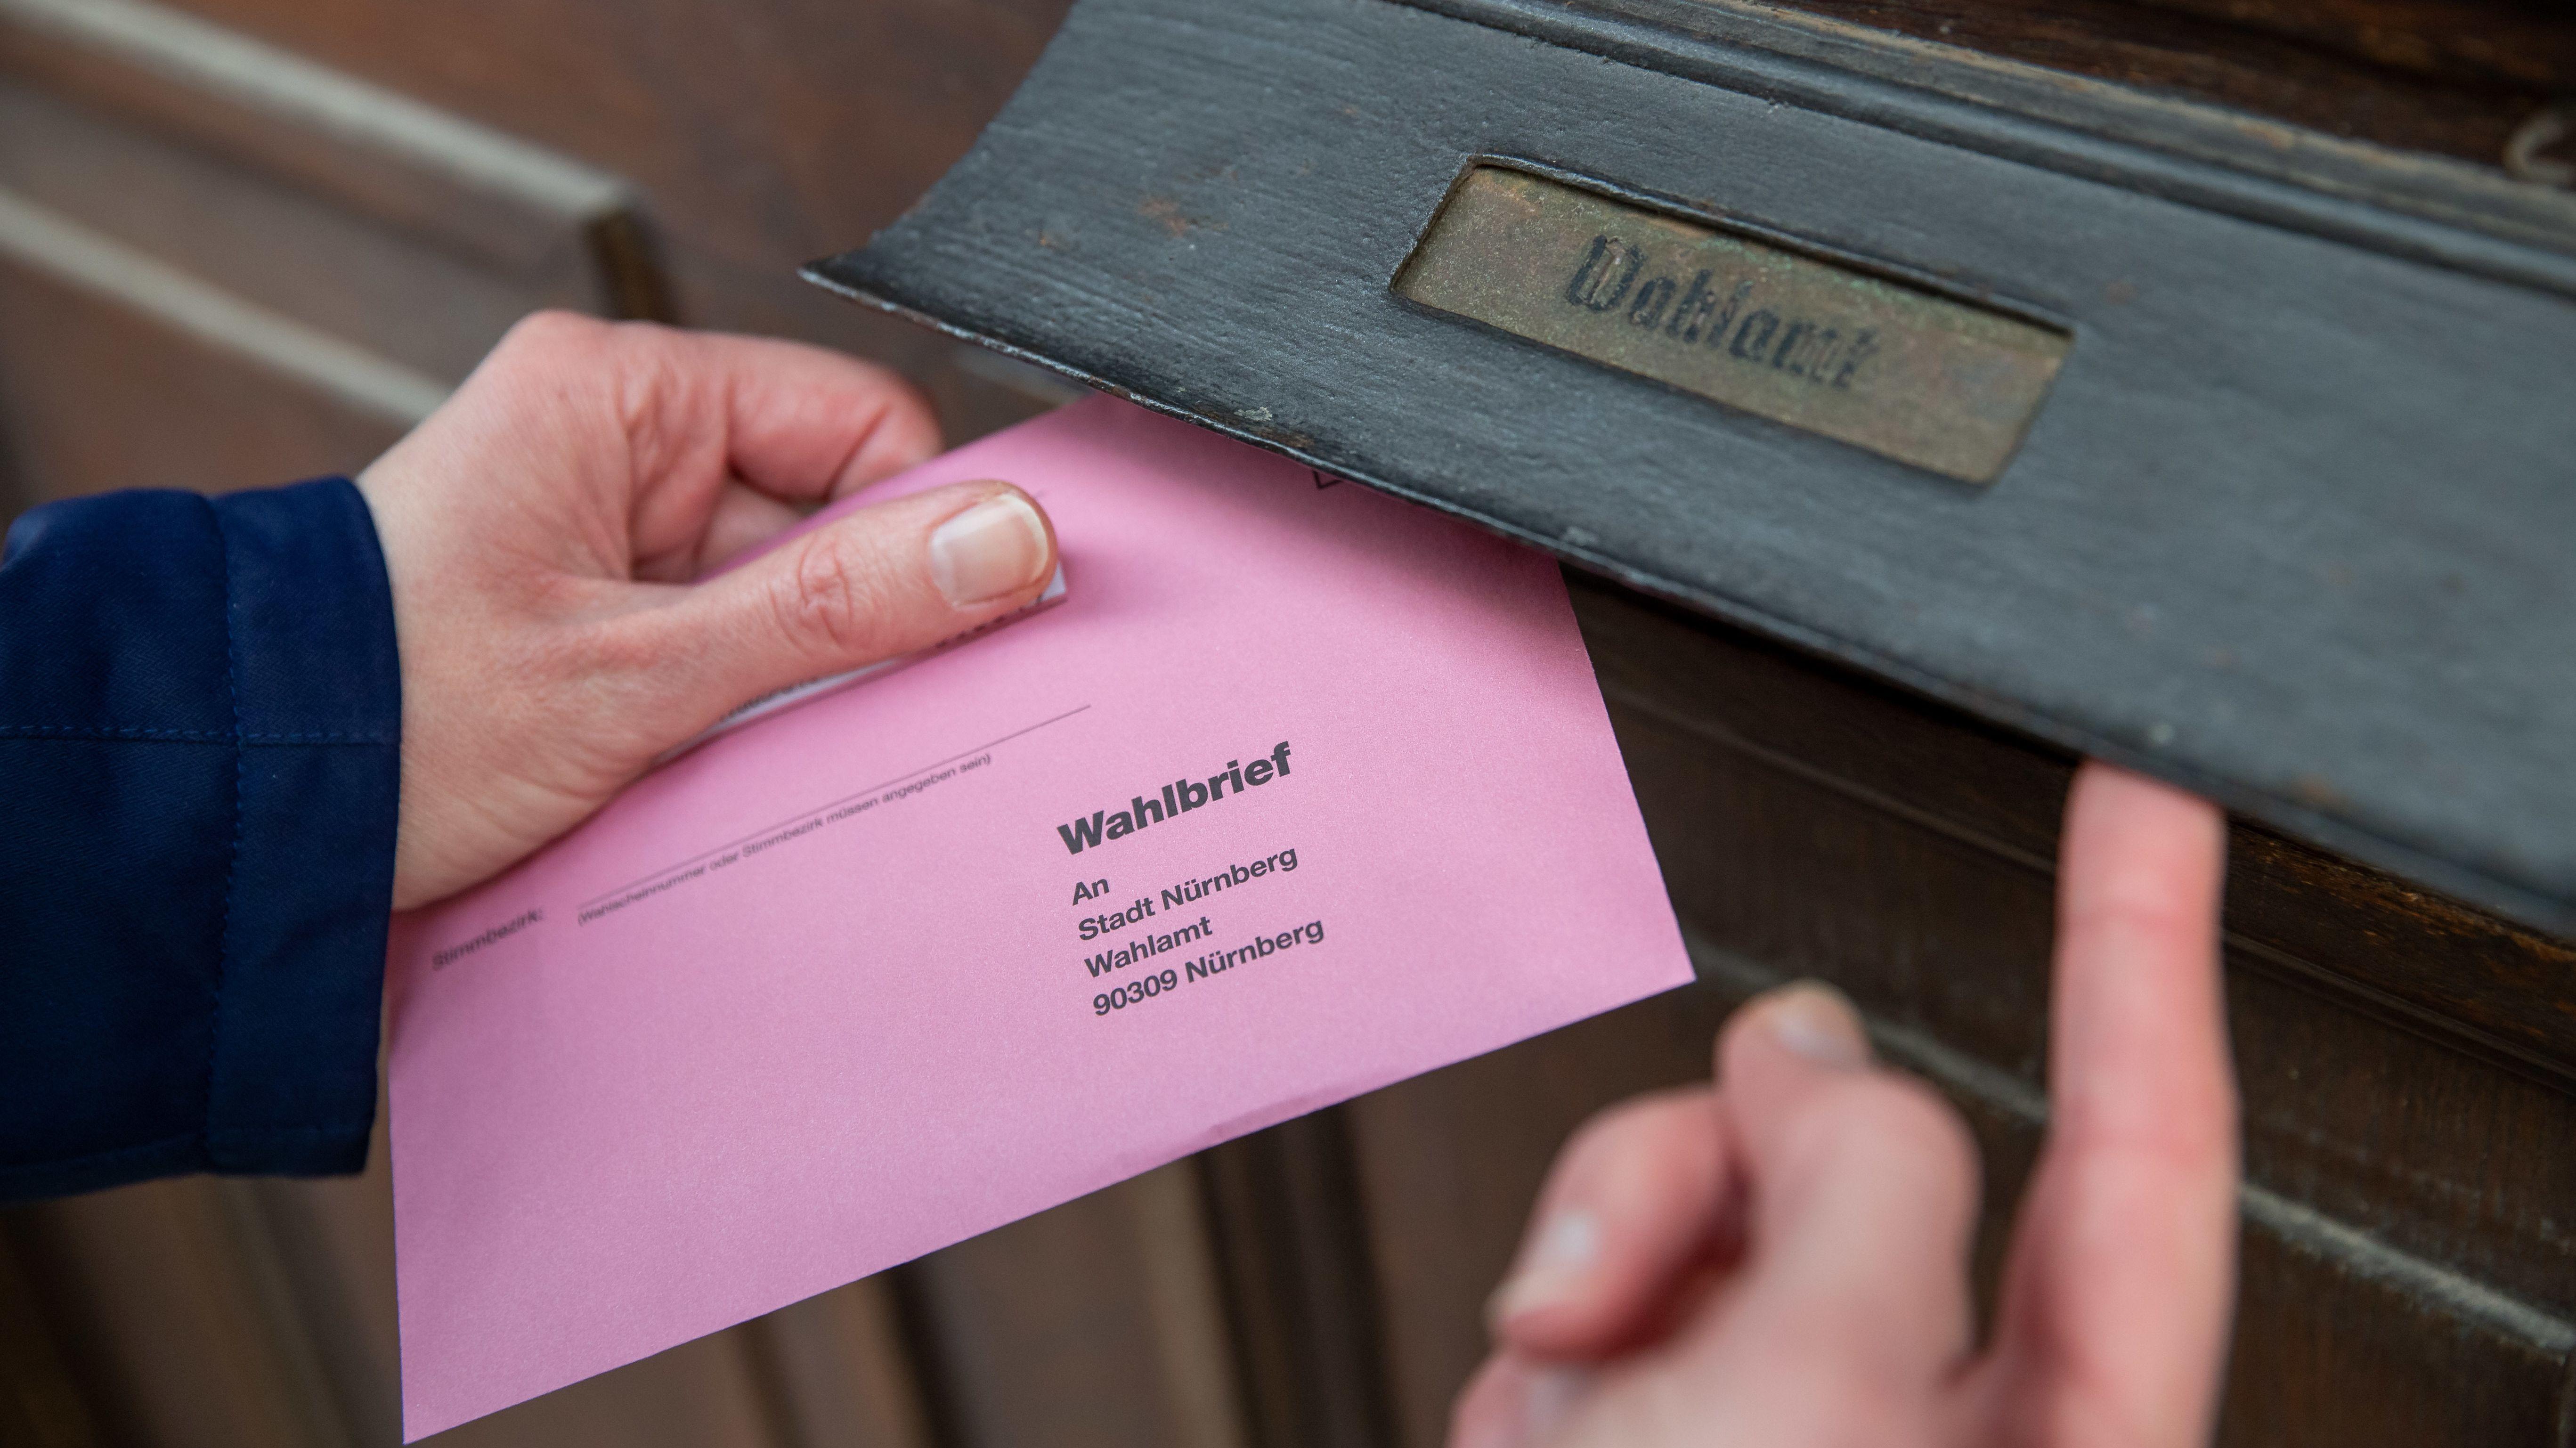 Stichwahl: Probleme bei der Zustellung der Briefwahlunterlagen